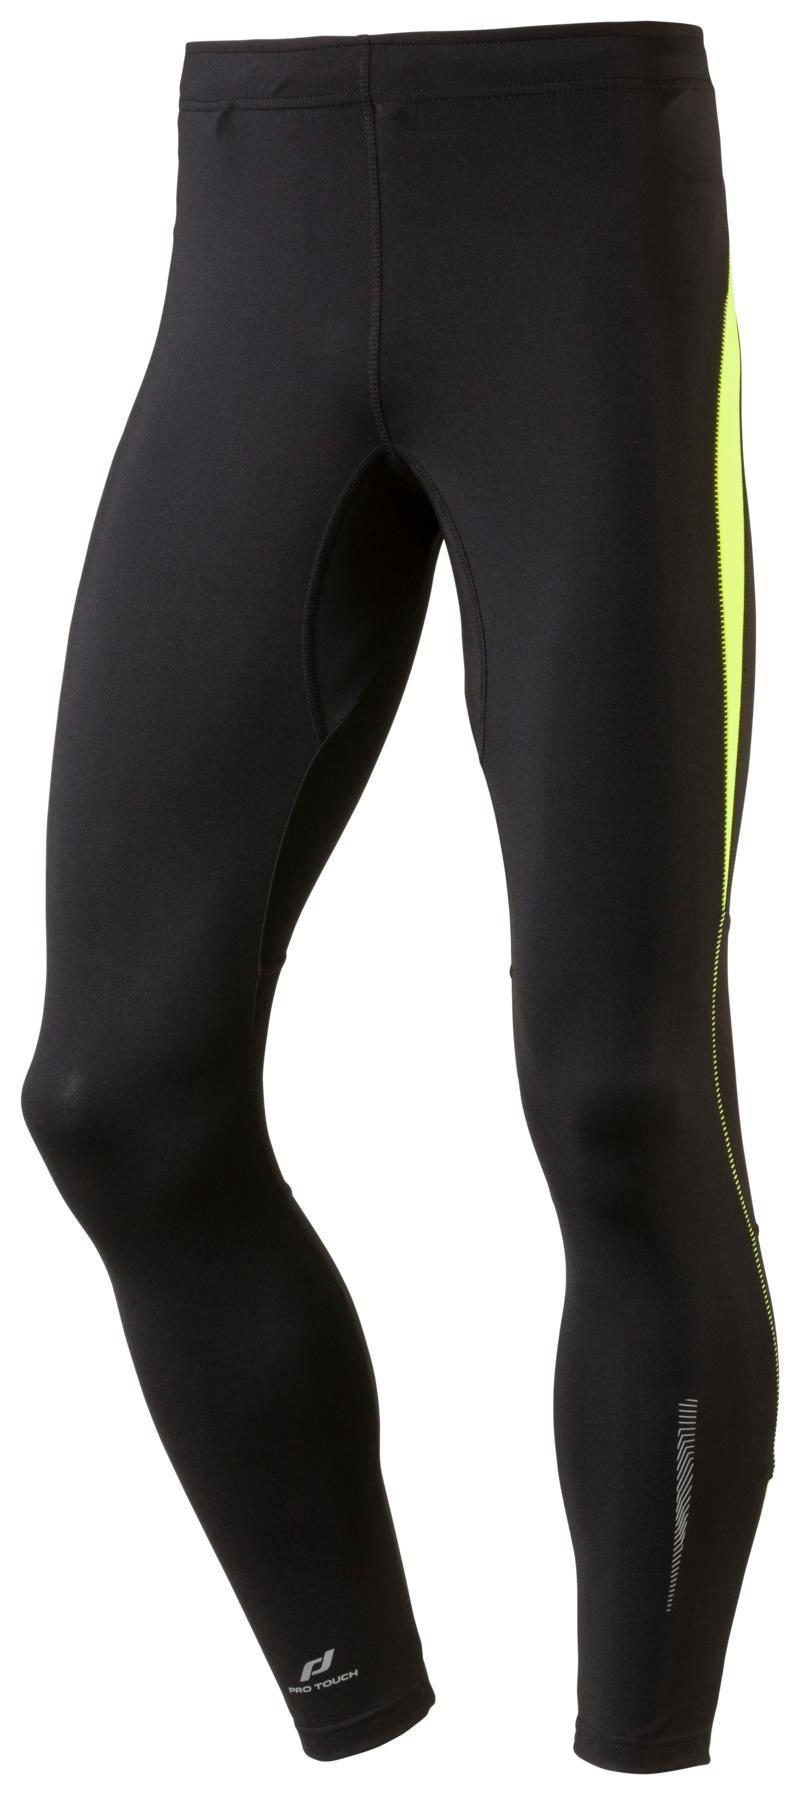 Pro Touch PADDINGTON III UX, muške helanke za trčanje, crna